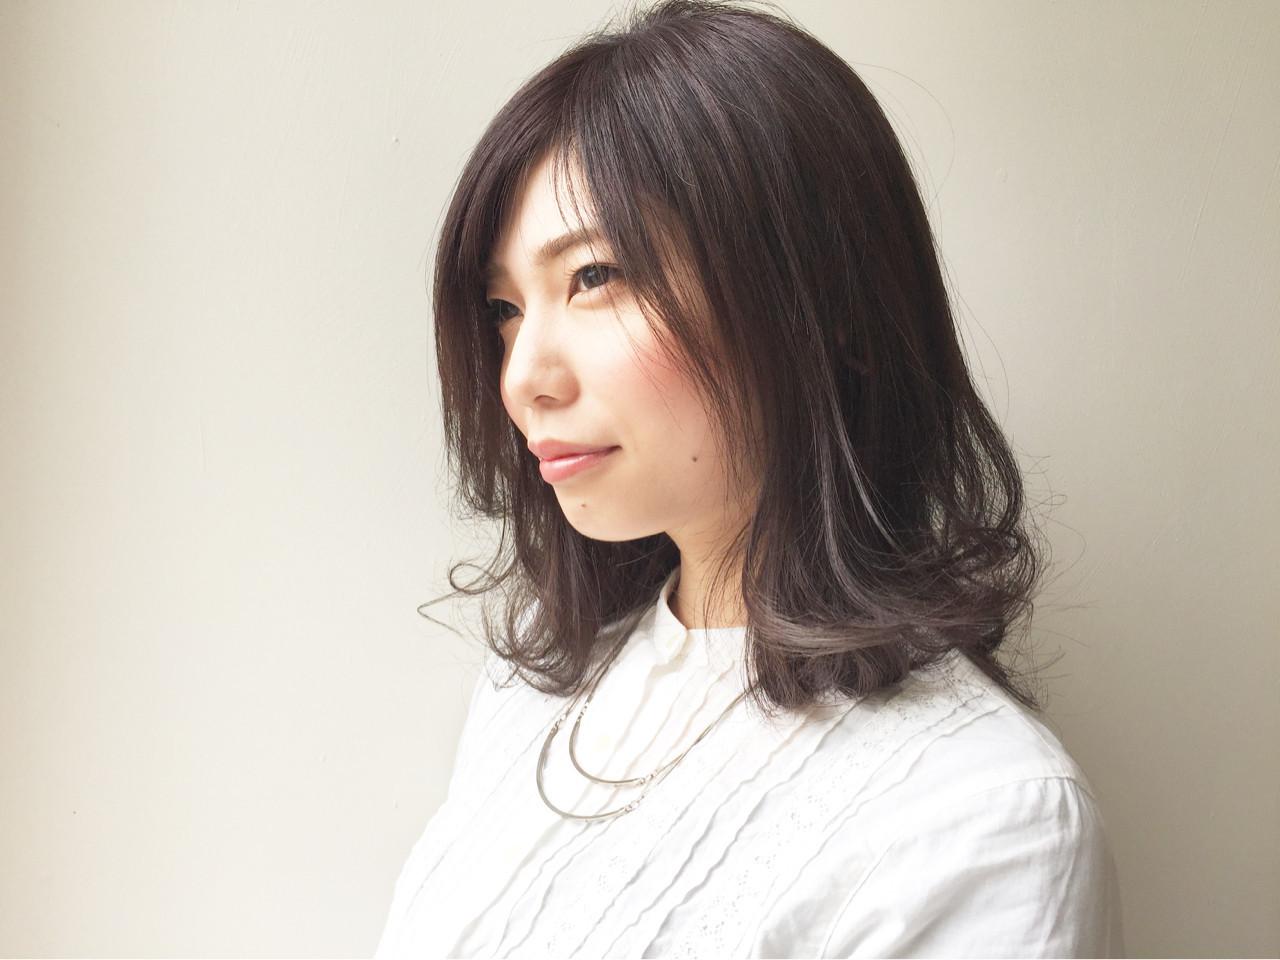 魅力的な黒髪美人に♡あなたの魅力を引き立てるヘアスタイル きたのようへい